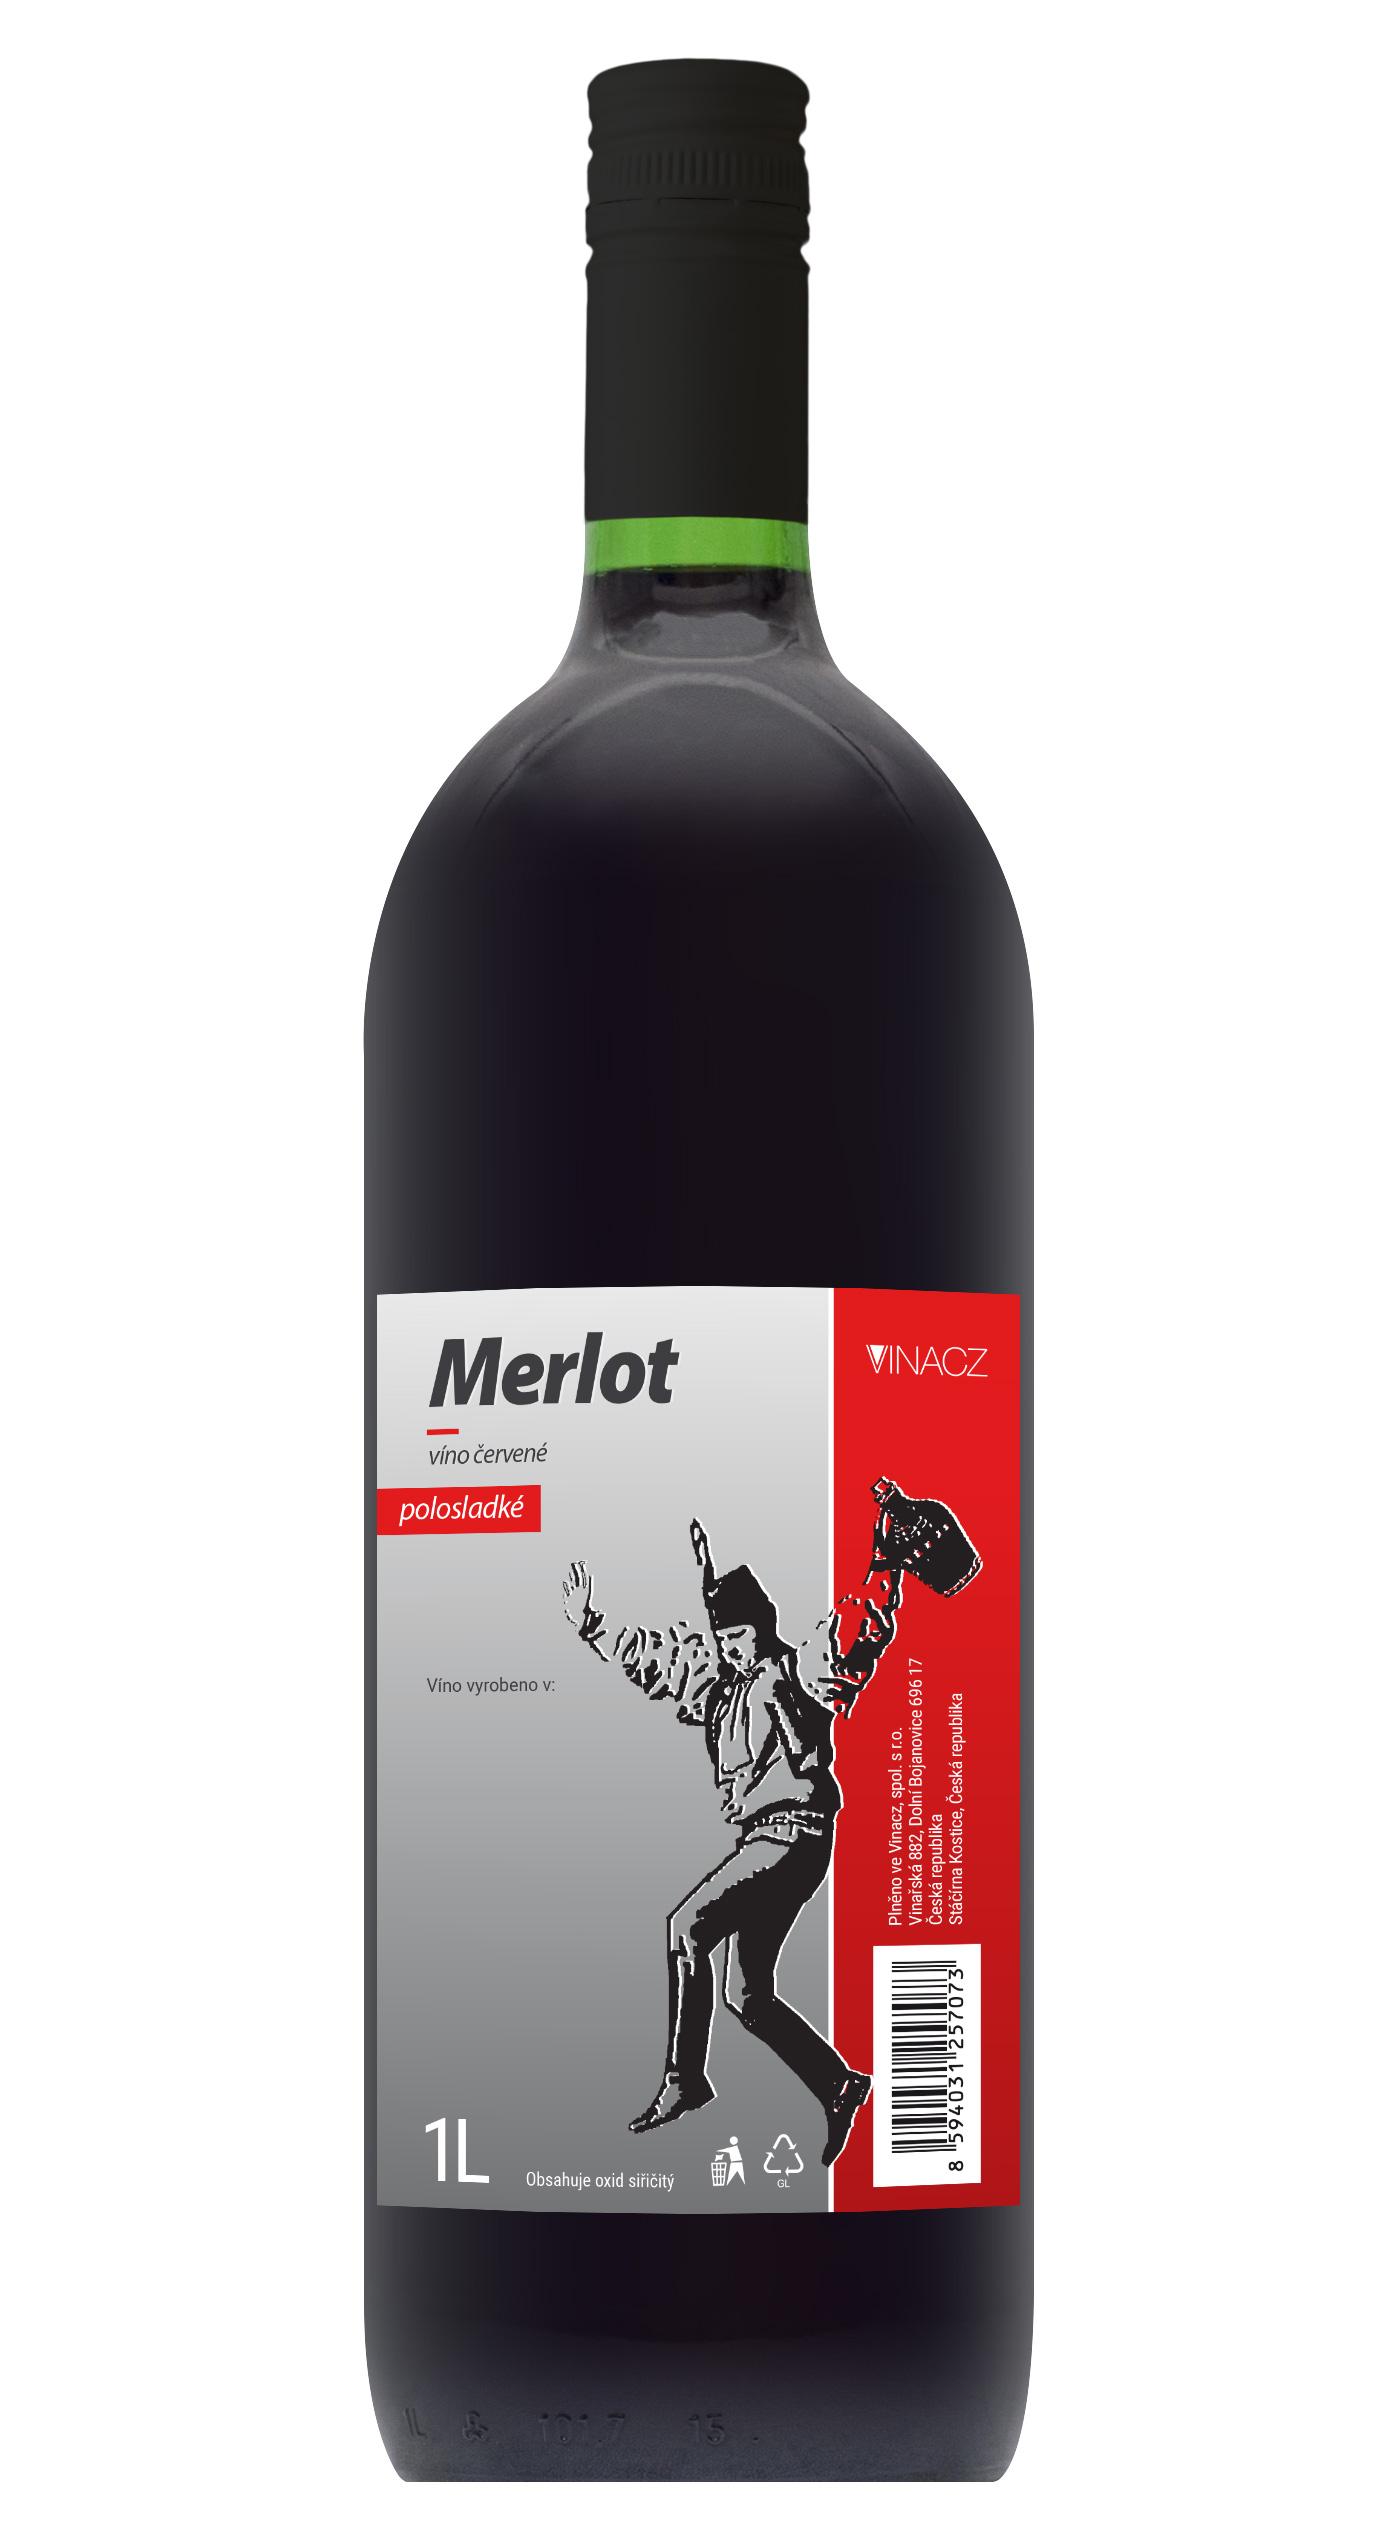 Merlot, polosladké